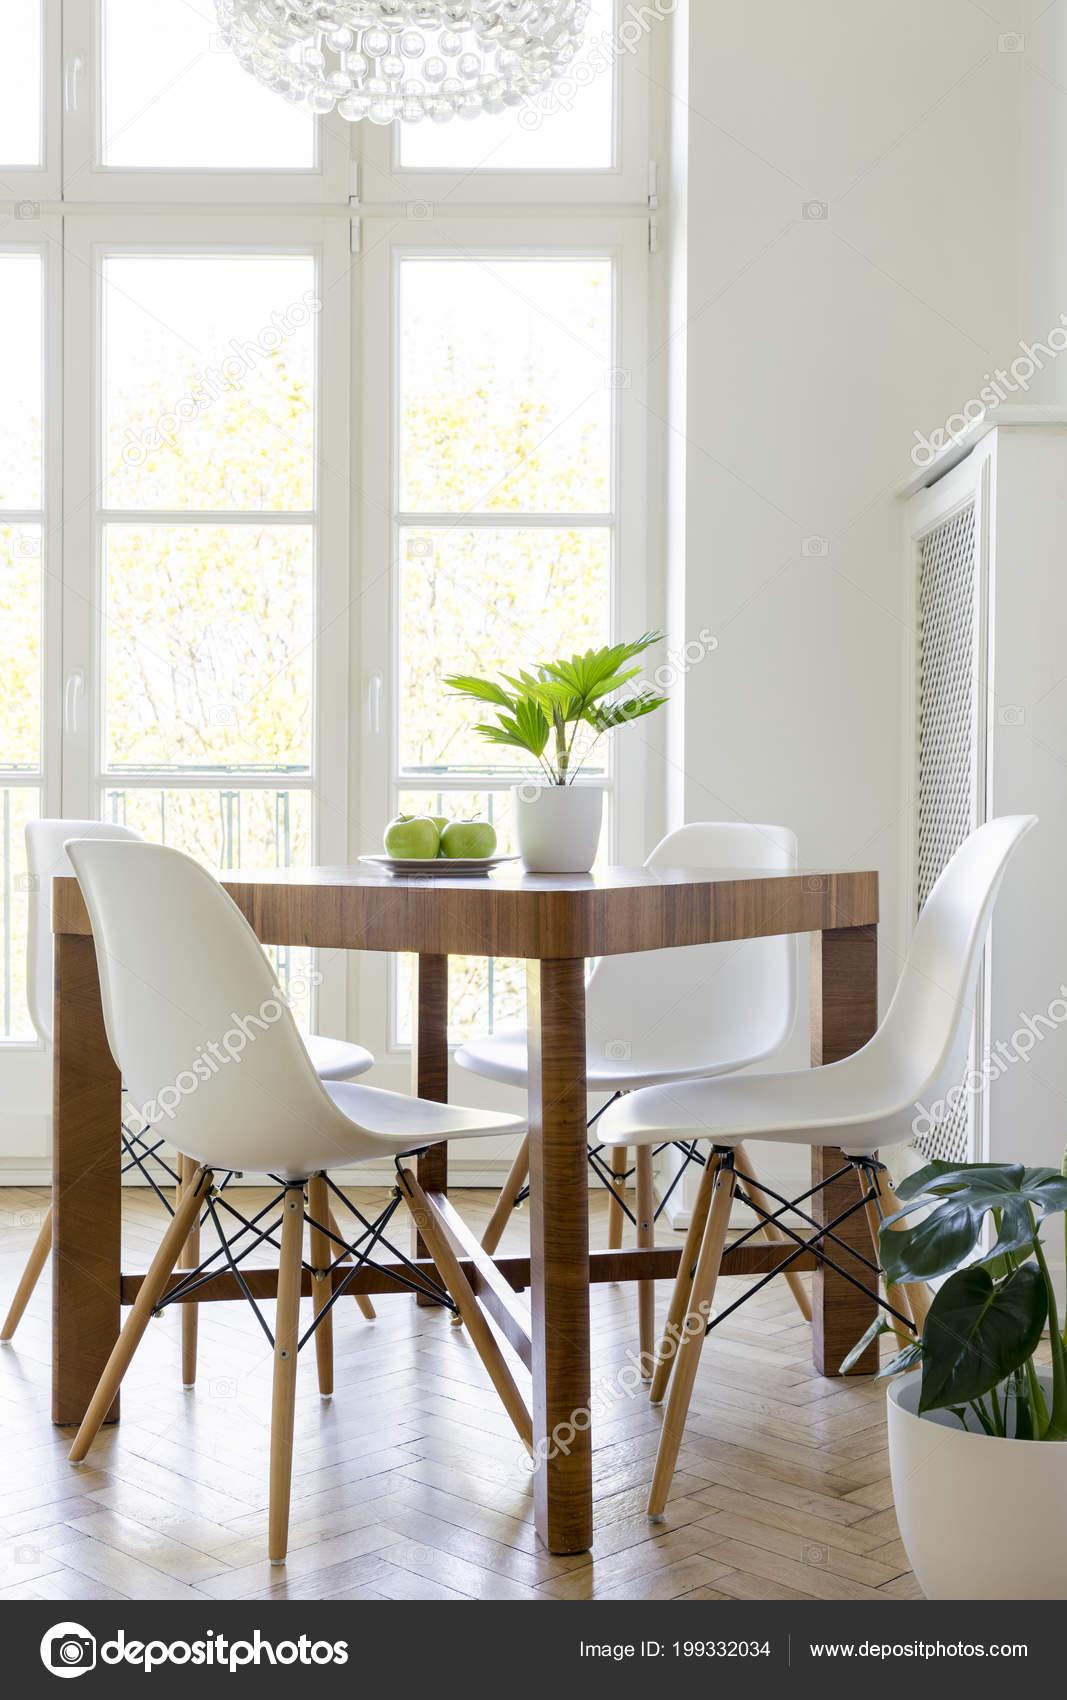 Houten Tafel Met Witte Stoelen.Witte Interieur Plant Stoelen Tafel Houten Eetkamer Aan Met Minimale